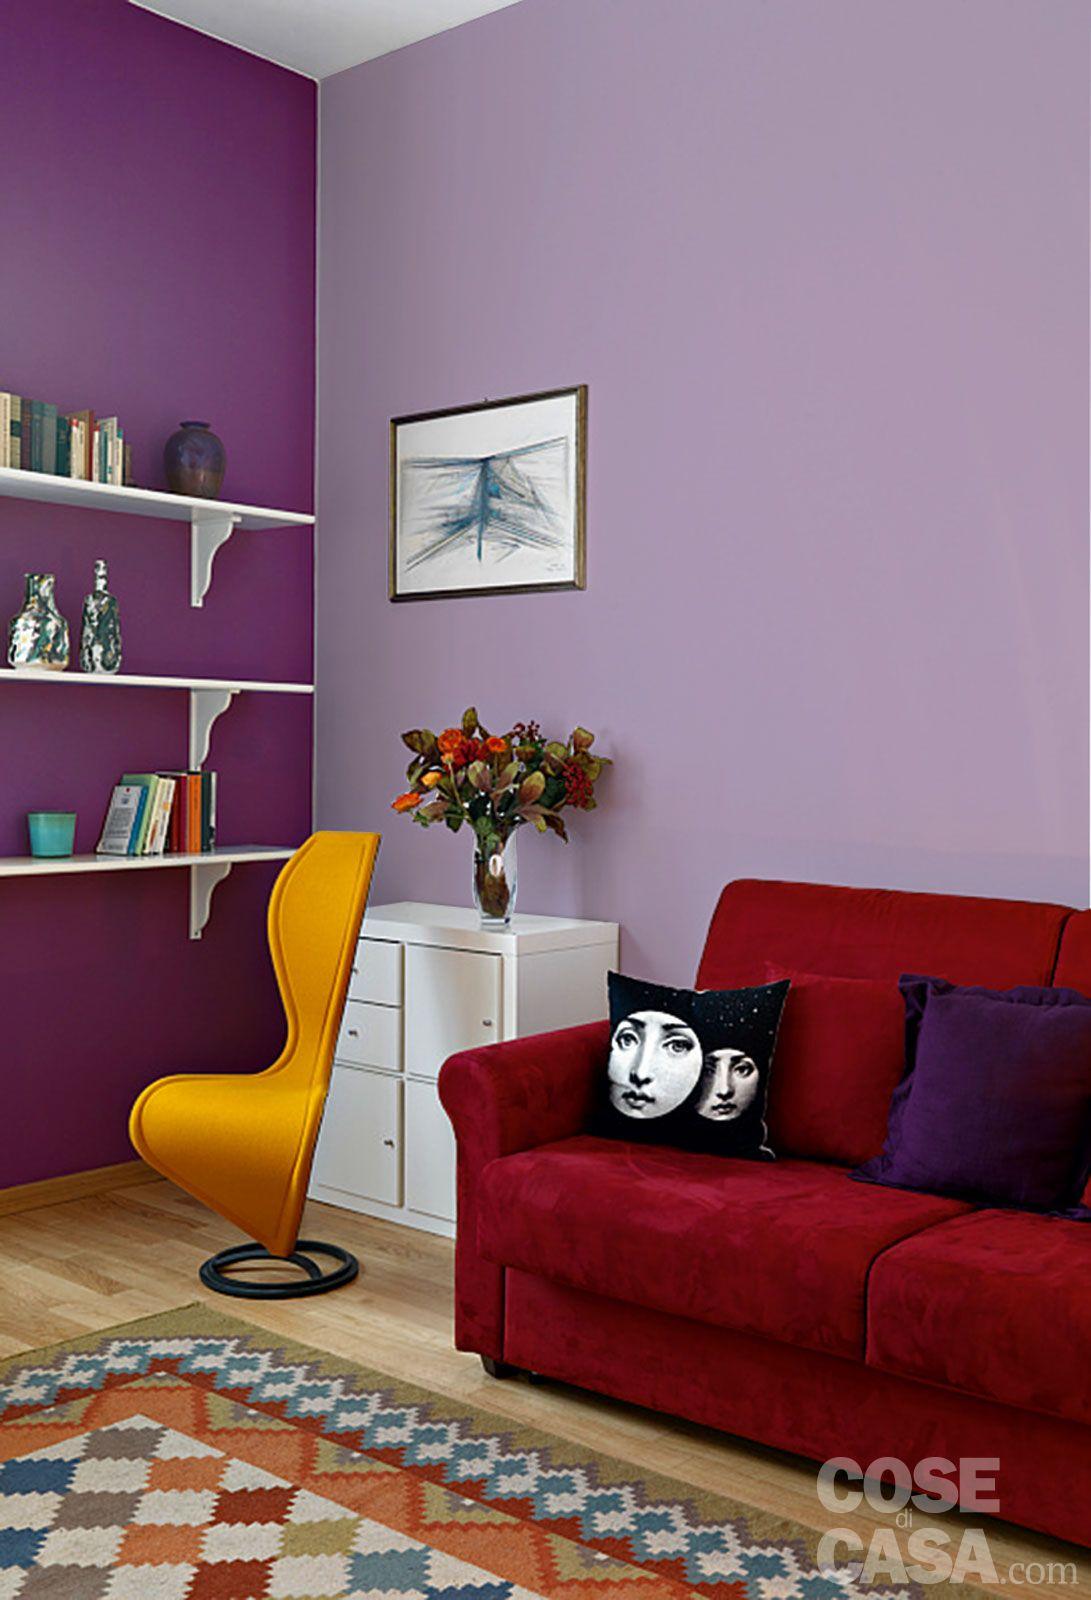 Pitturare le pareti i trucchi che ingannano l'occhio